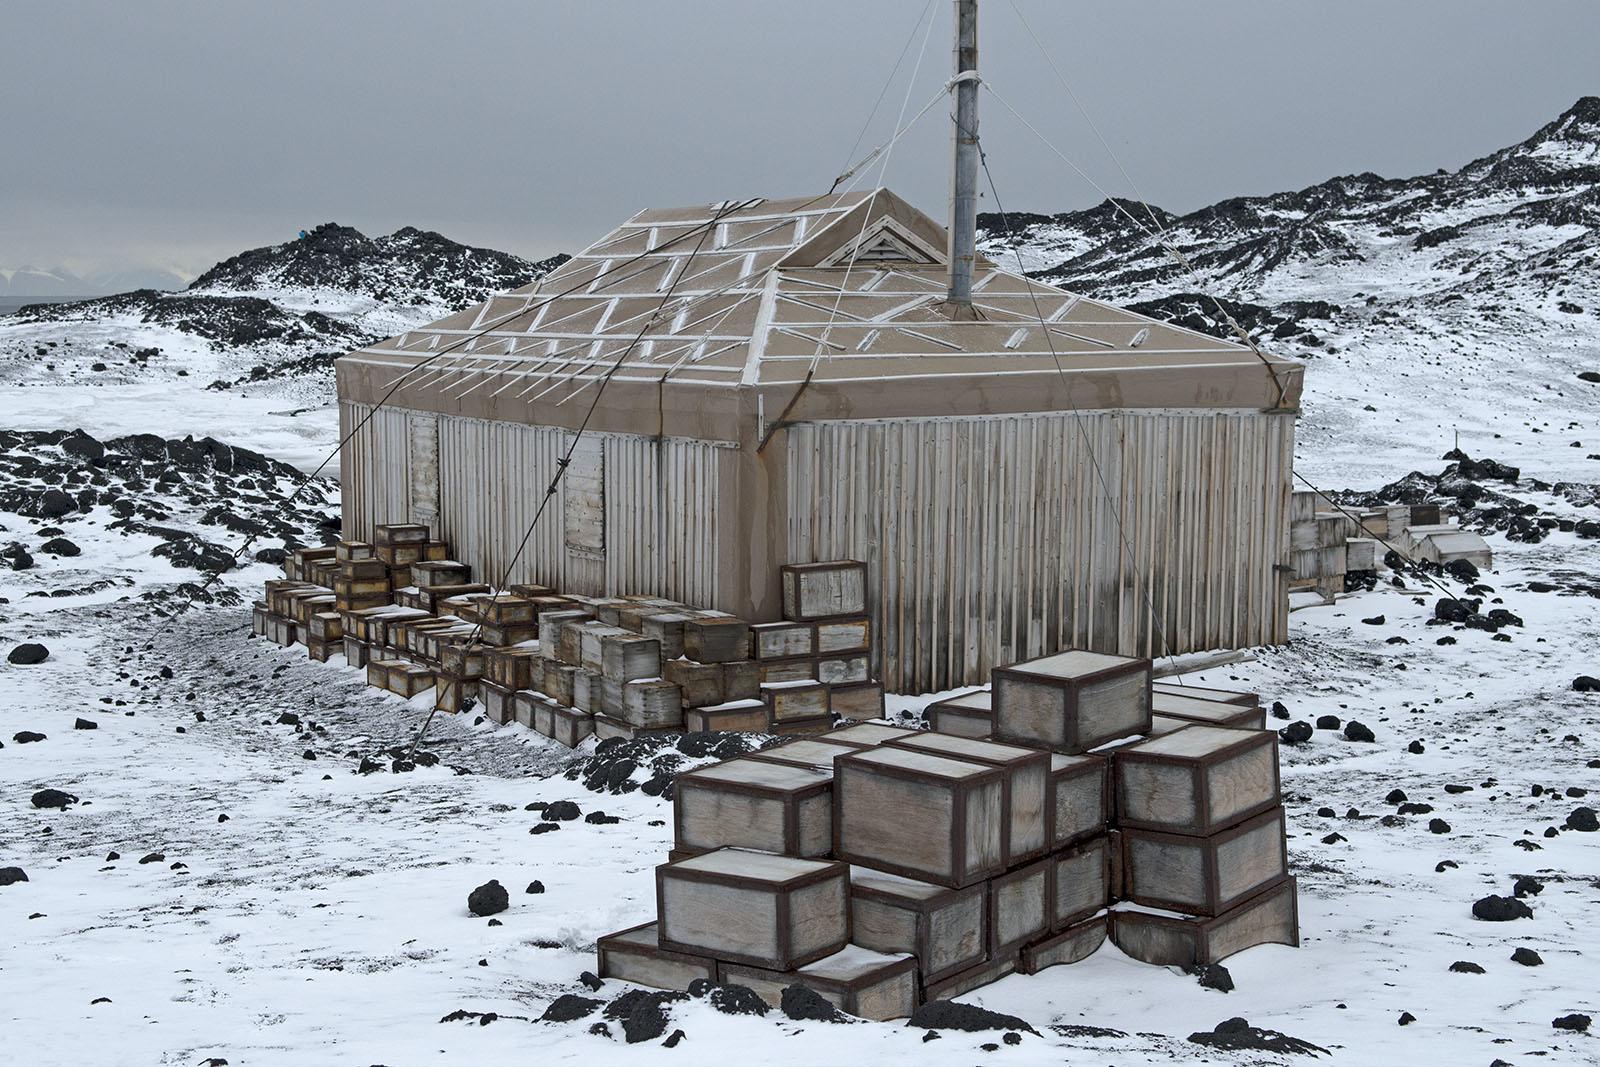 Shackleton's Hut 2 2014 16×24 © L'Heureux